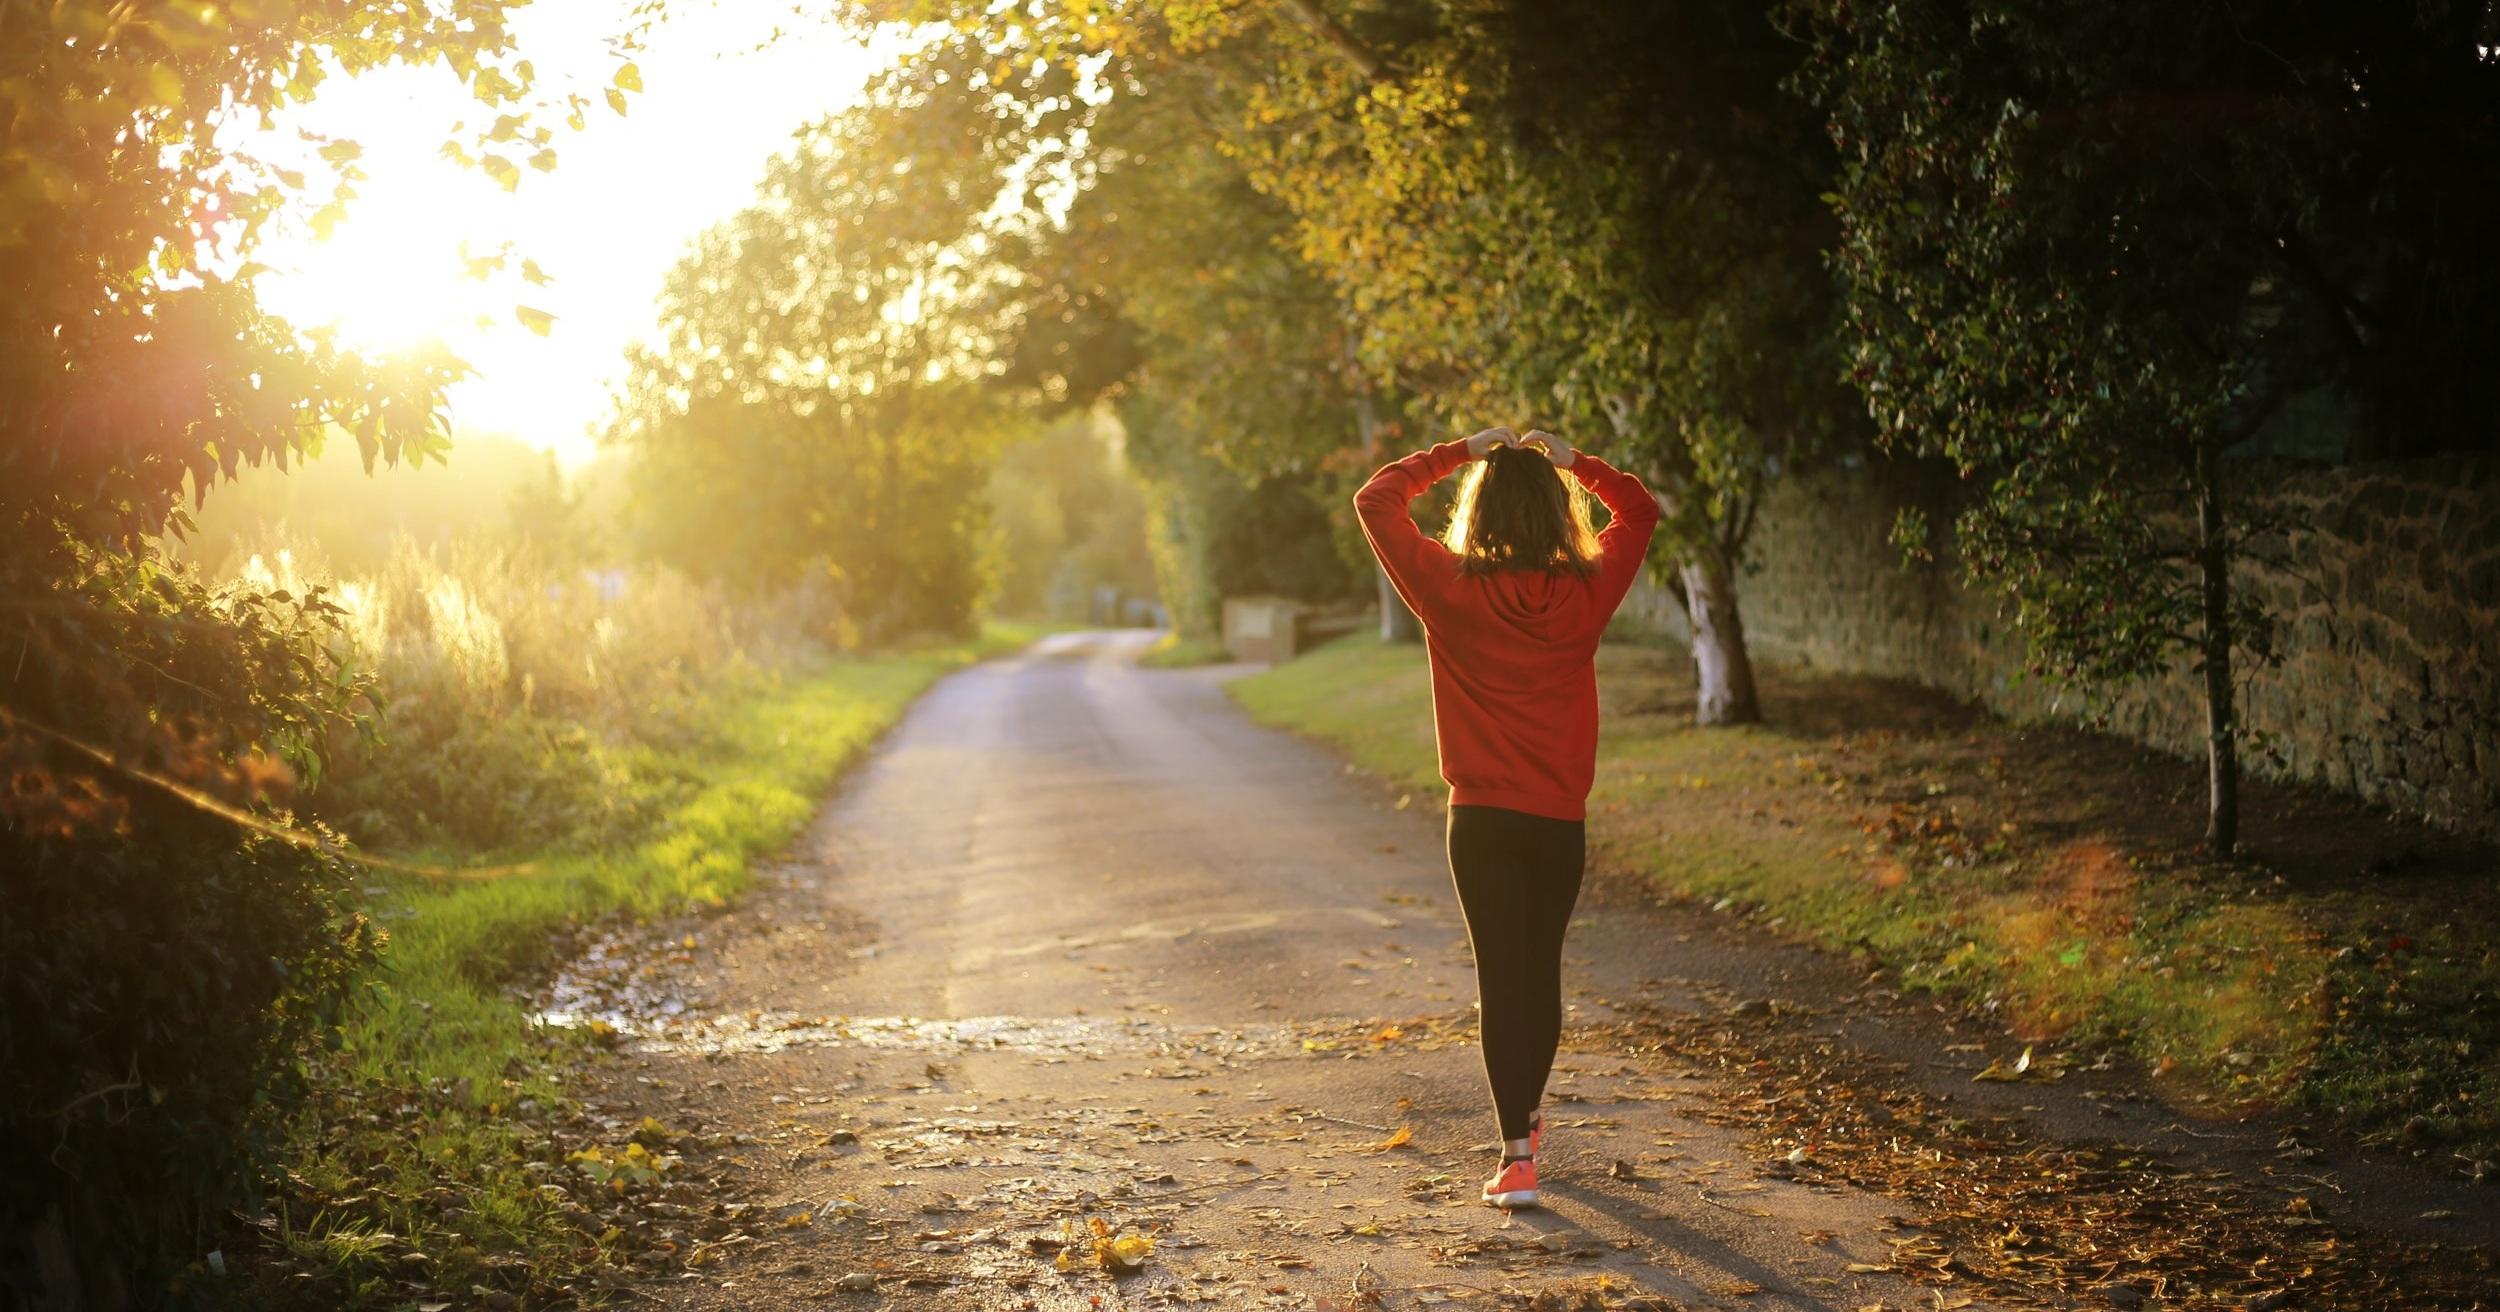 Just walk! Walk as often as possible, preferably outdoors.